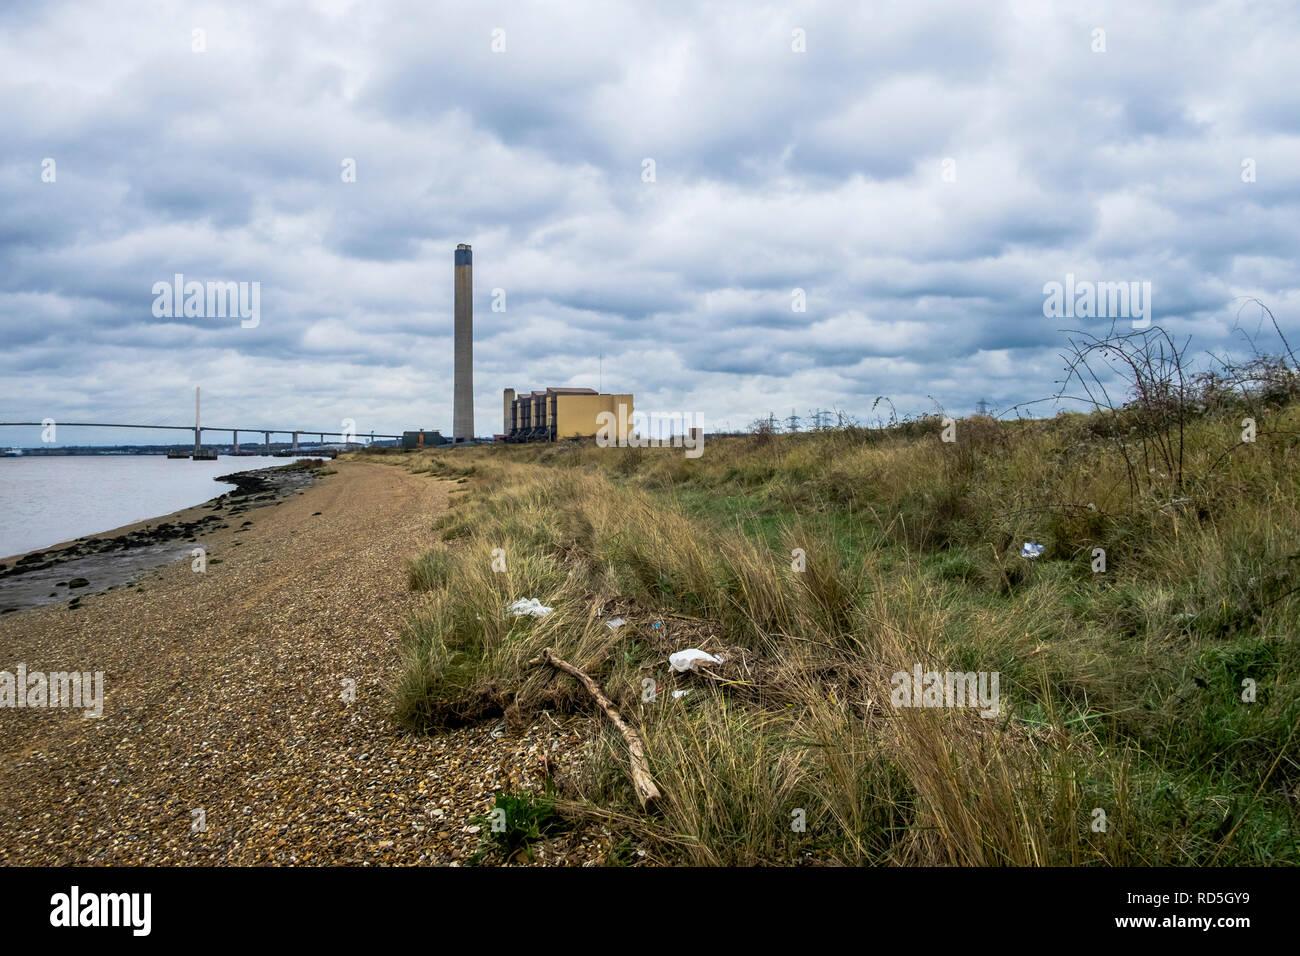 Littlebrook centrale à charbon, longue portée, DARTFORD, KENT UK Banque D'Images